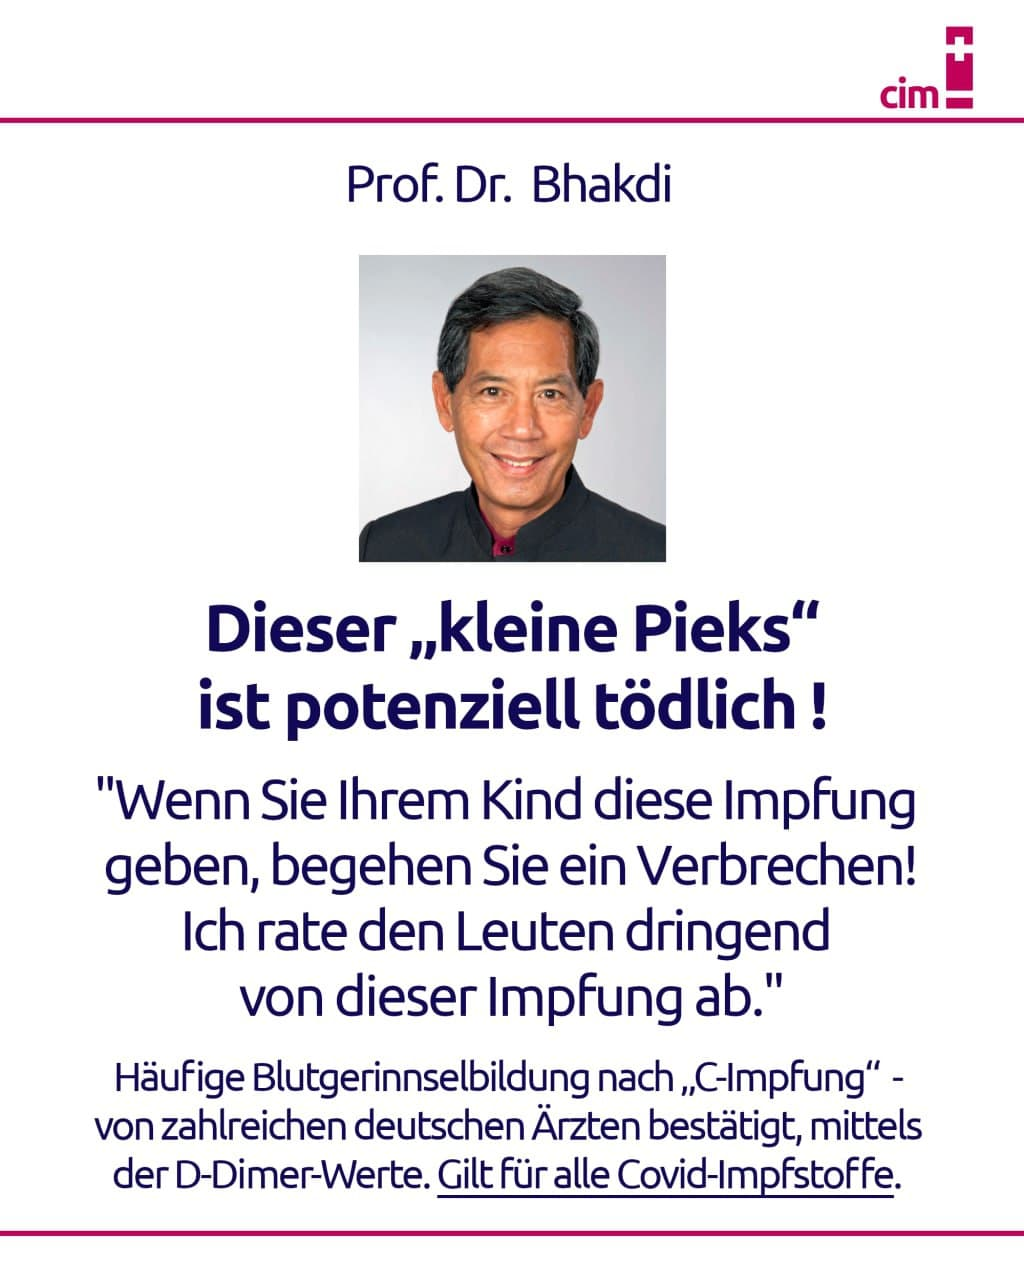 Prof. Dr. Bhakdi: Dieser kleiner Pieks ist potenziell tödlich